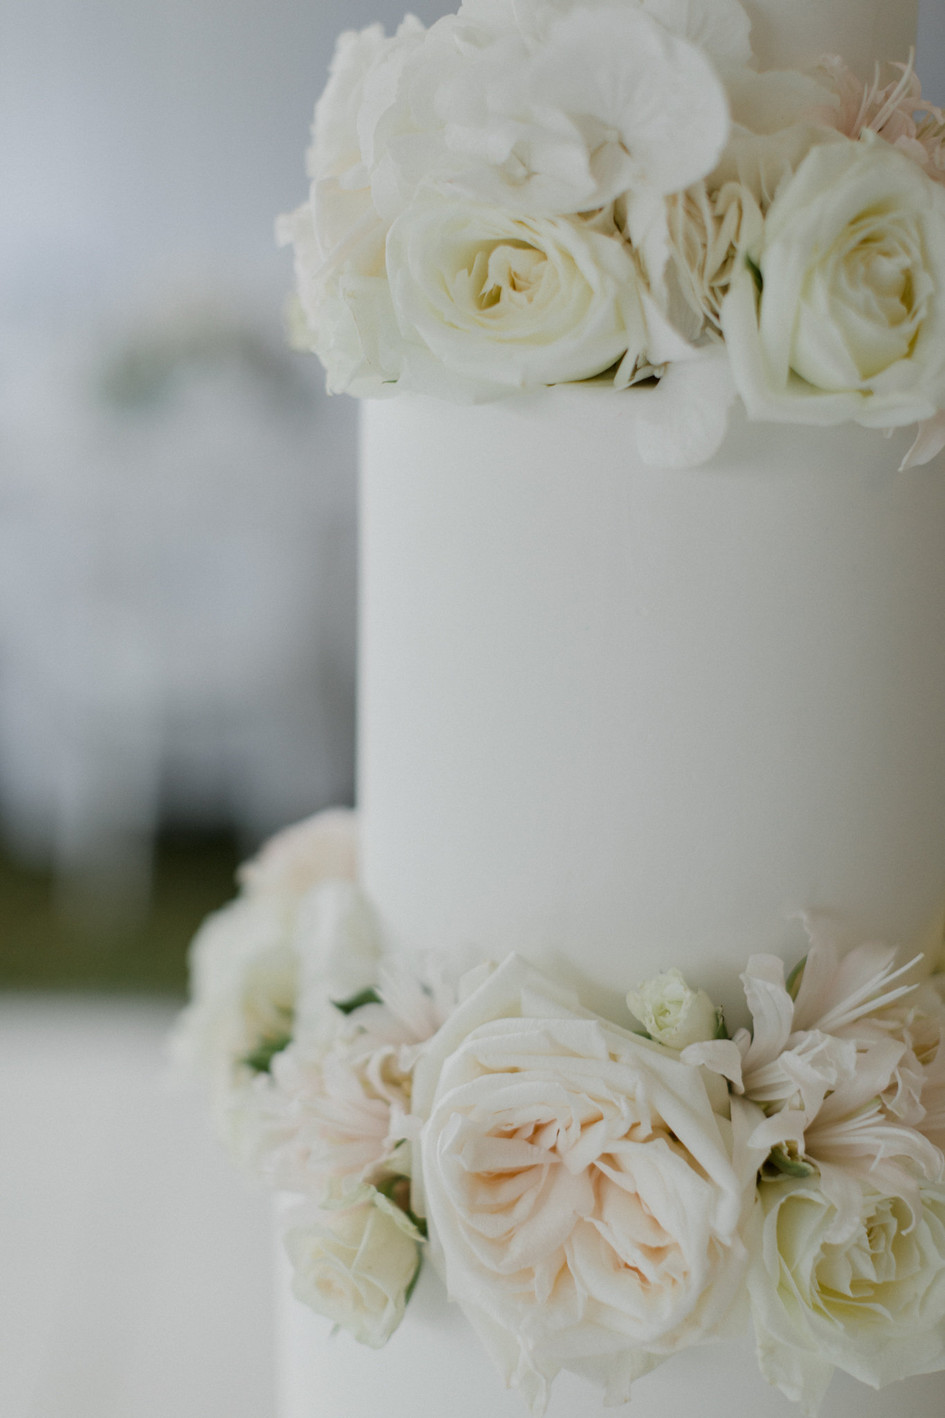 cake_details.jpg